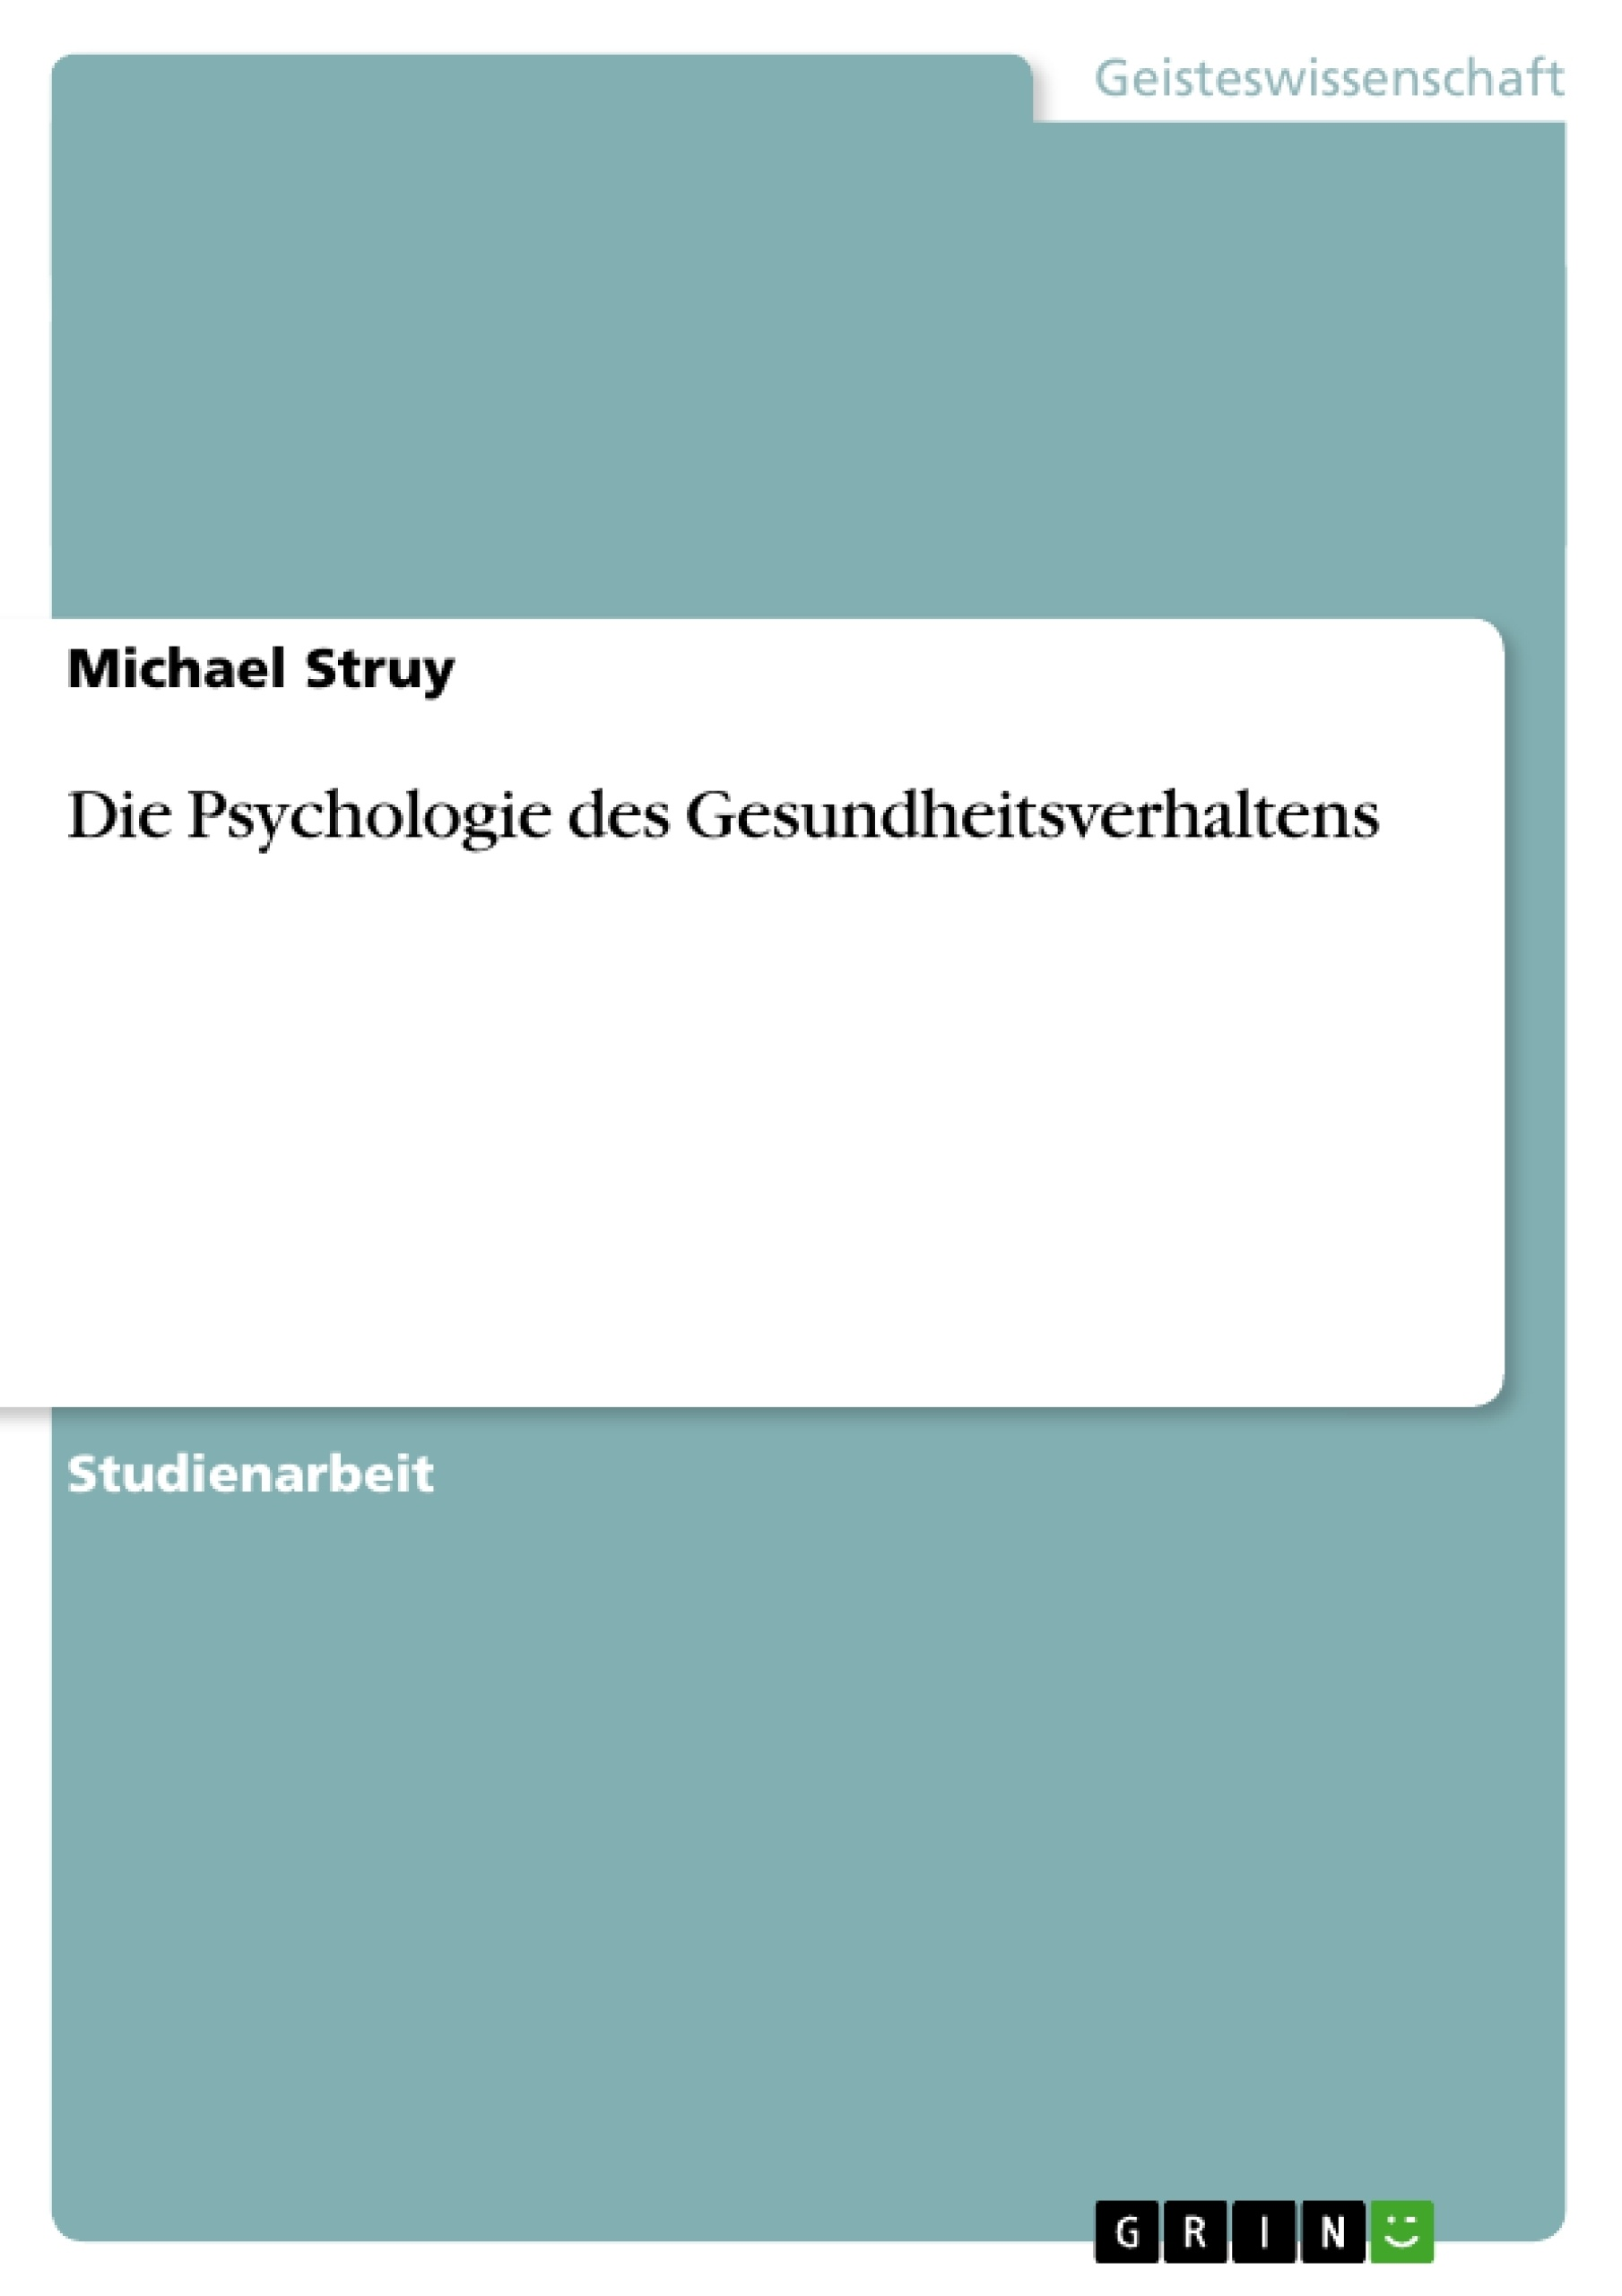 Titel: Die Psychologie des Gesundheitsverhaltens